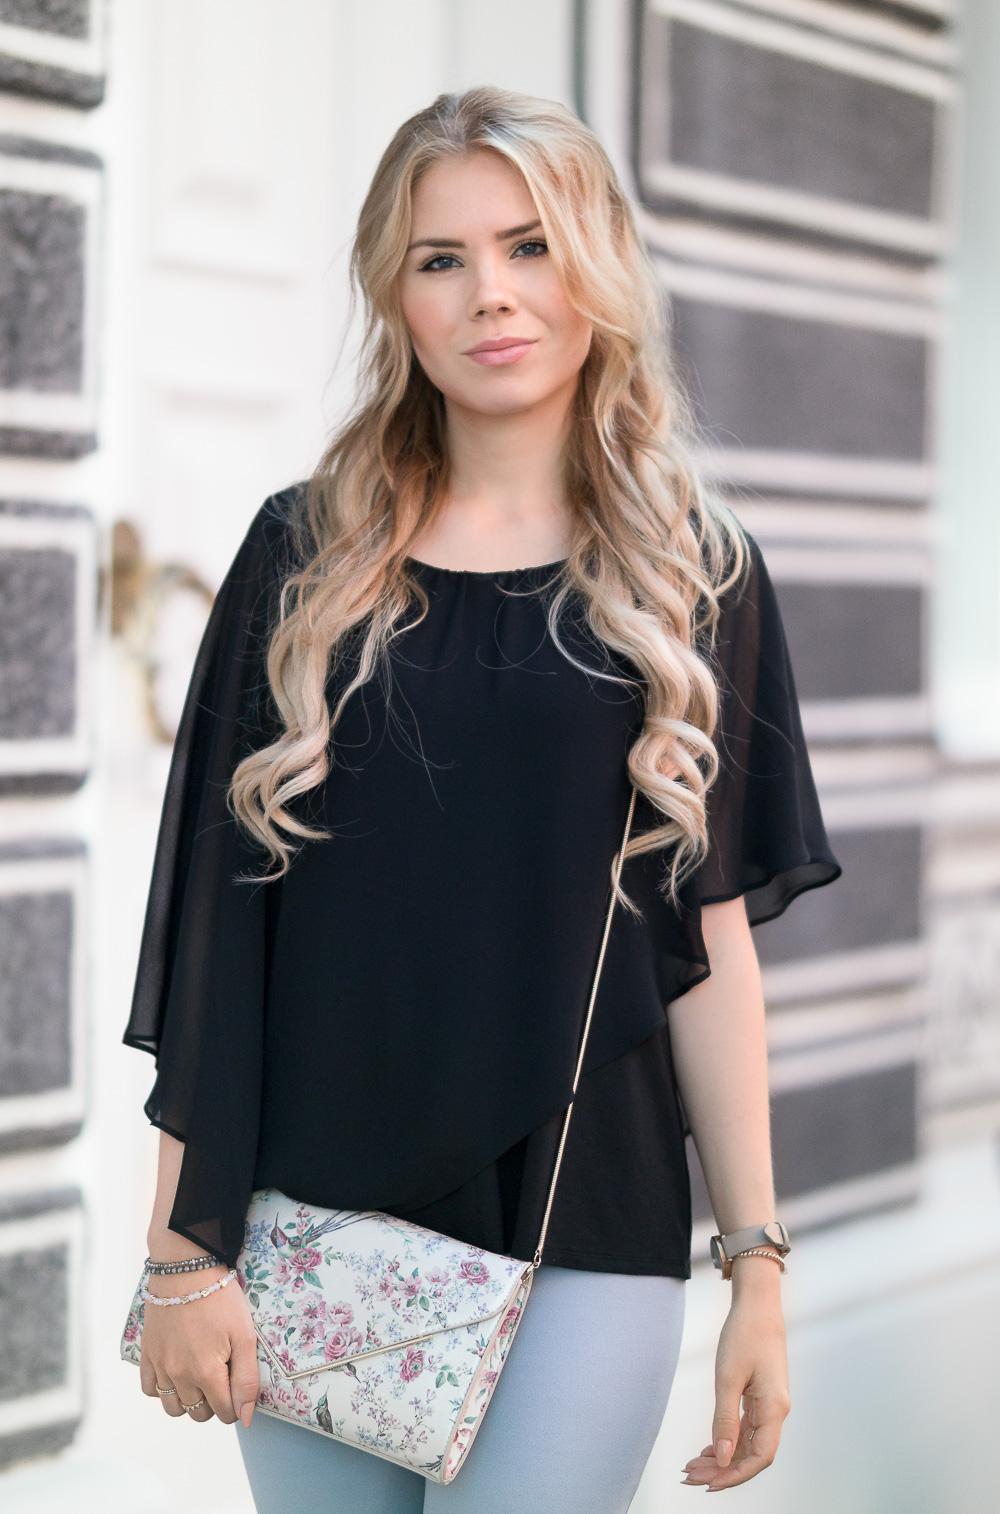 Modeblog Deutschland-Romantischer Look-schwarzes Oberteil-fliederfarbene Hose